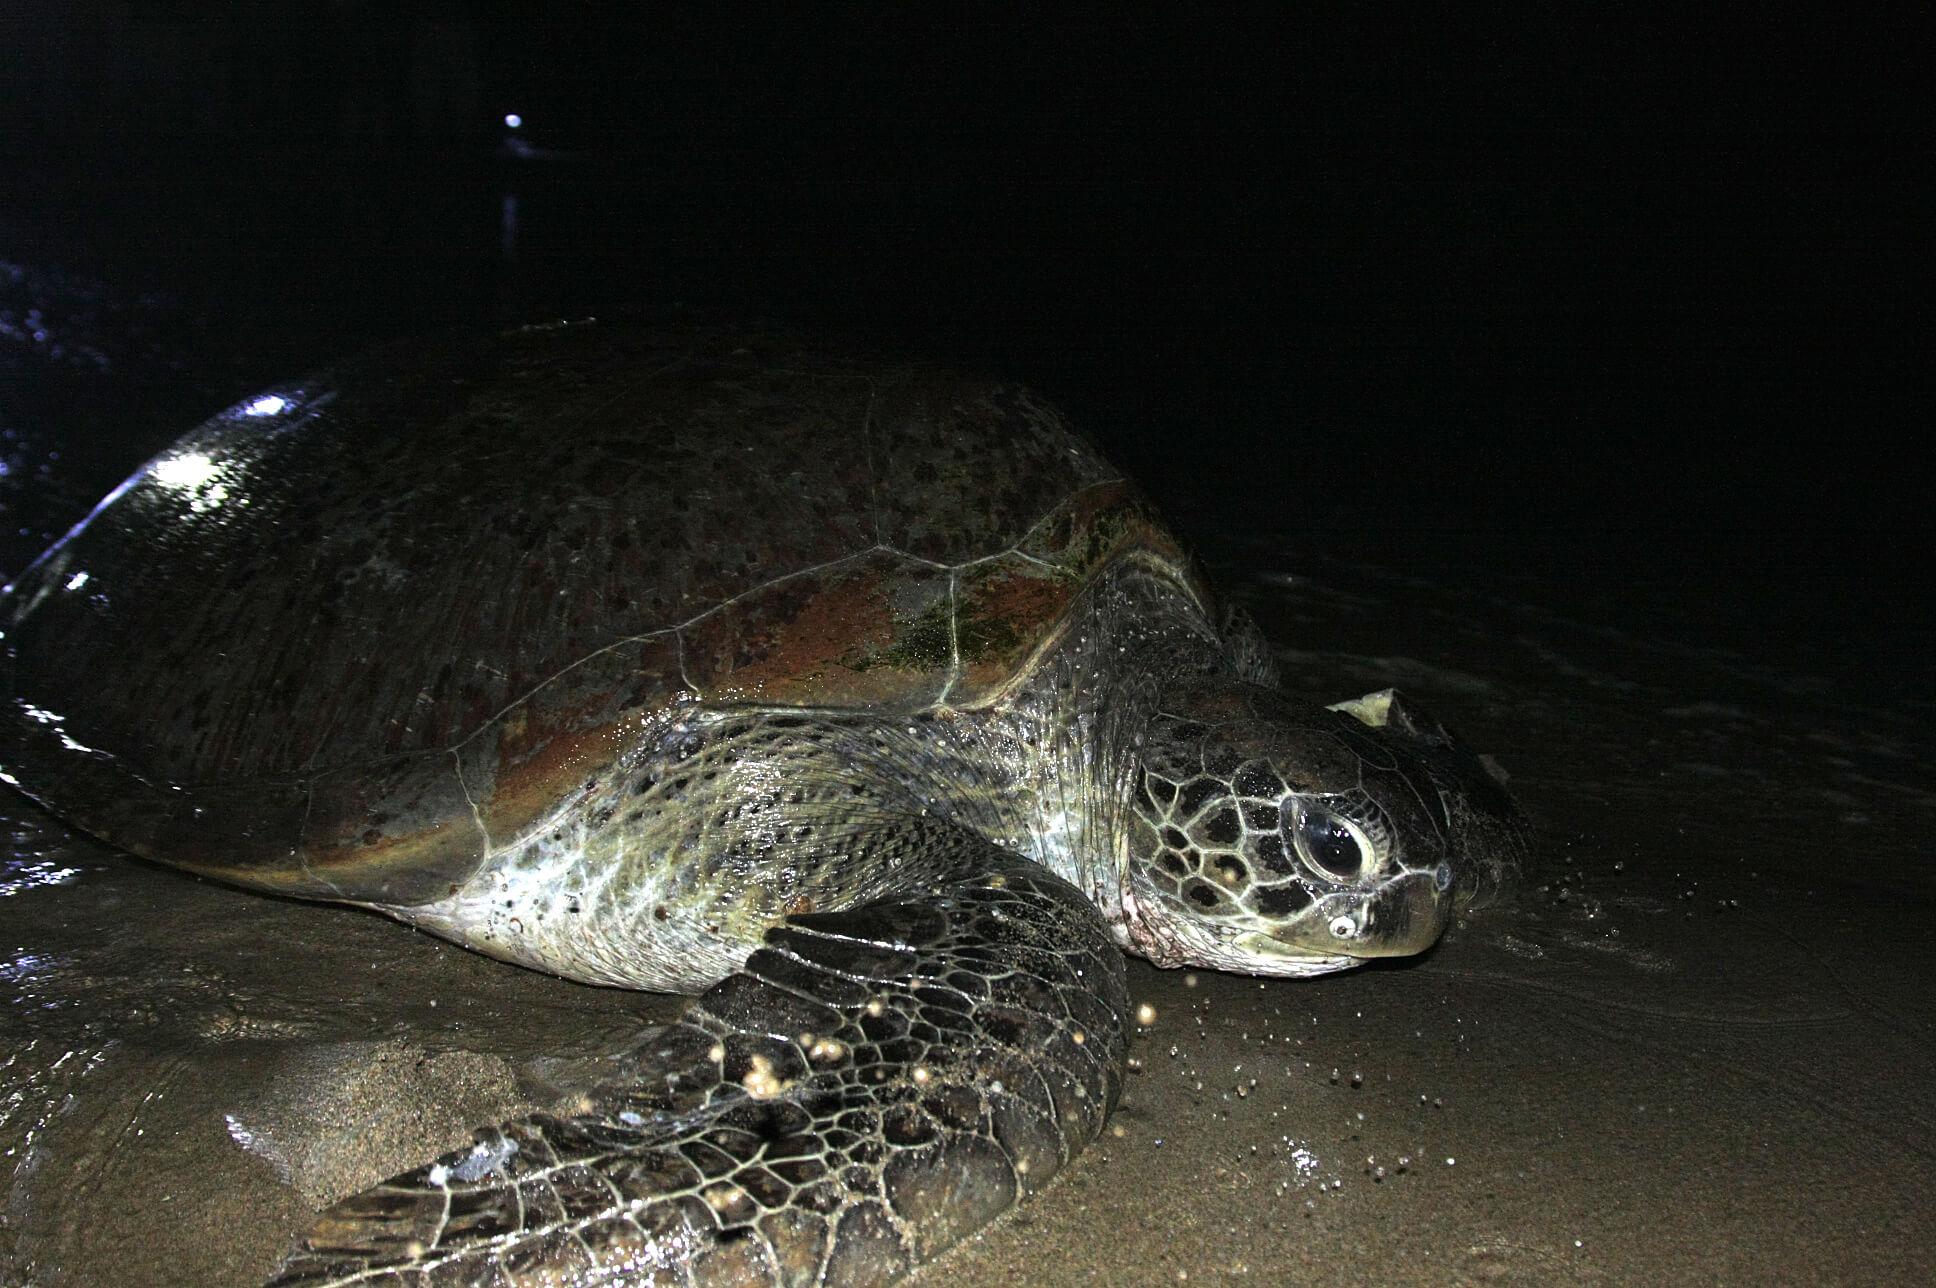 Les tortues de sukamade